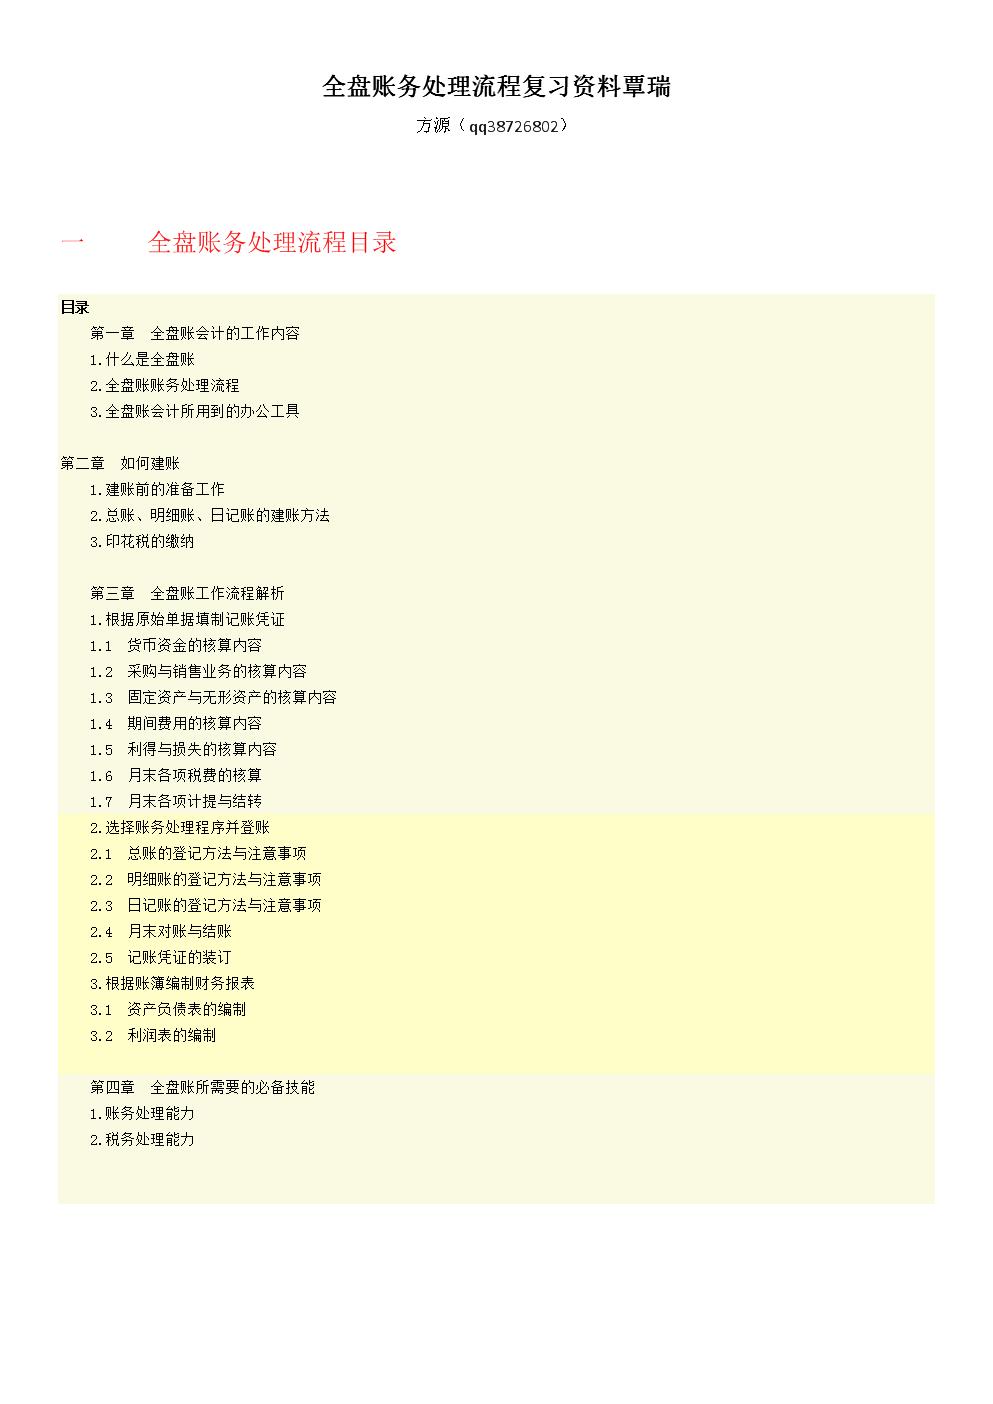 全盘账务处理流程复习资料覃瑞.docx